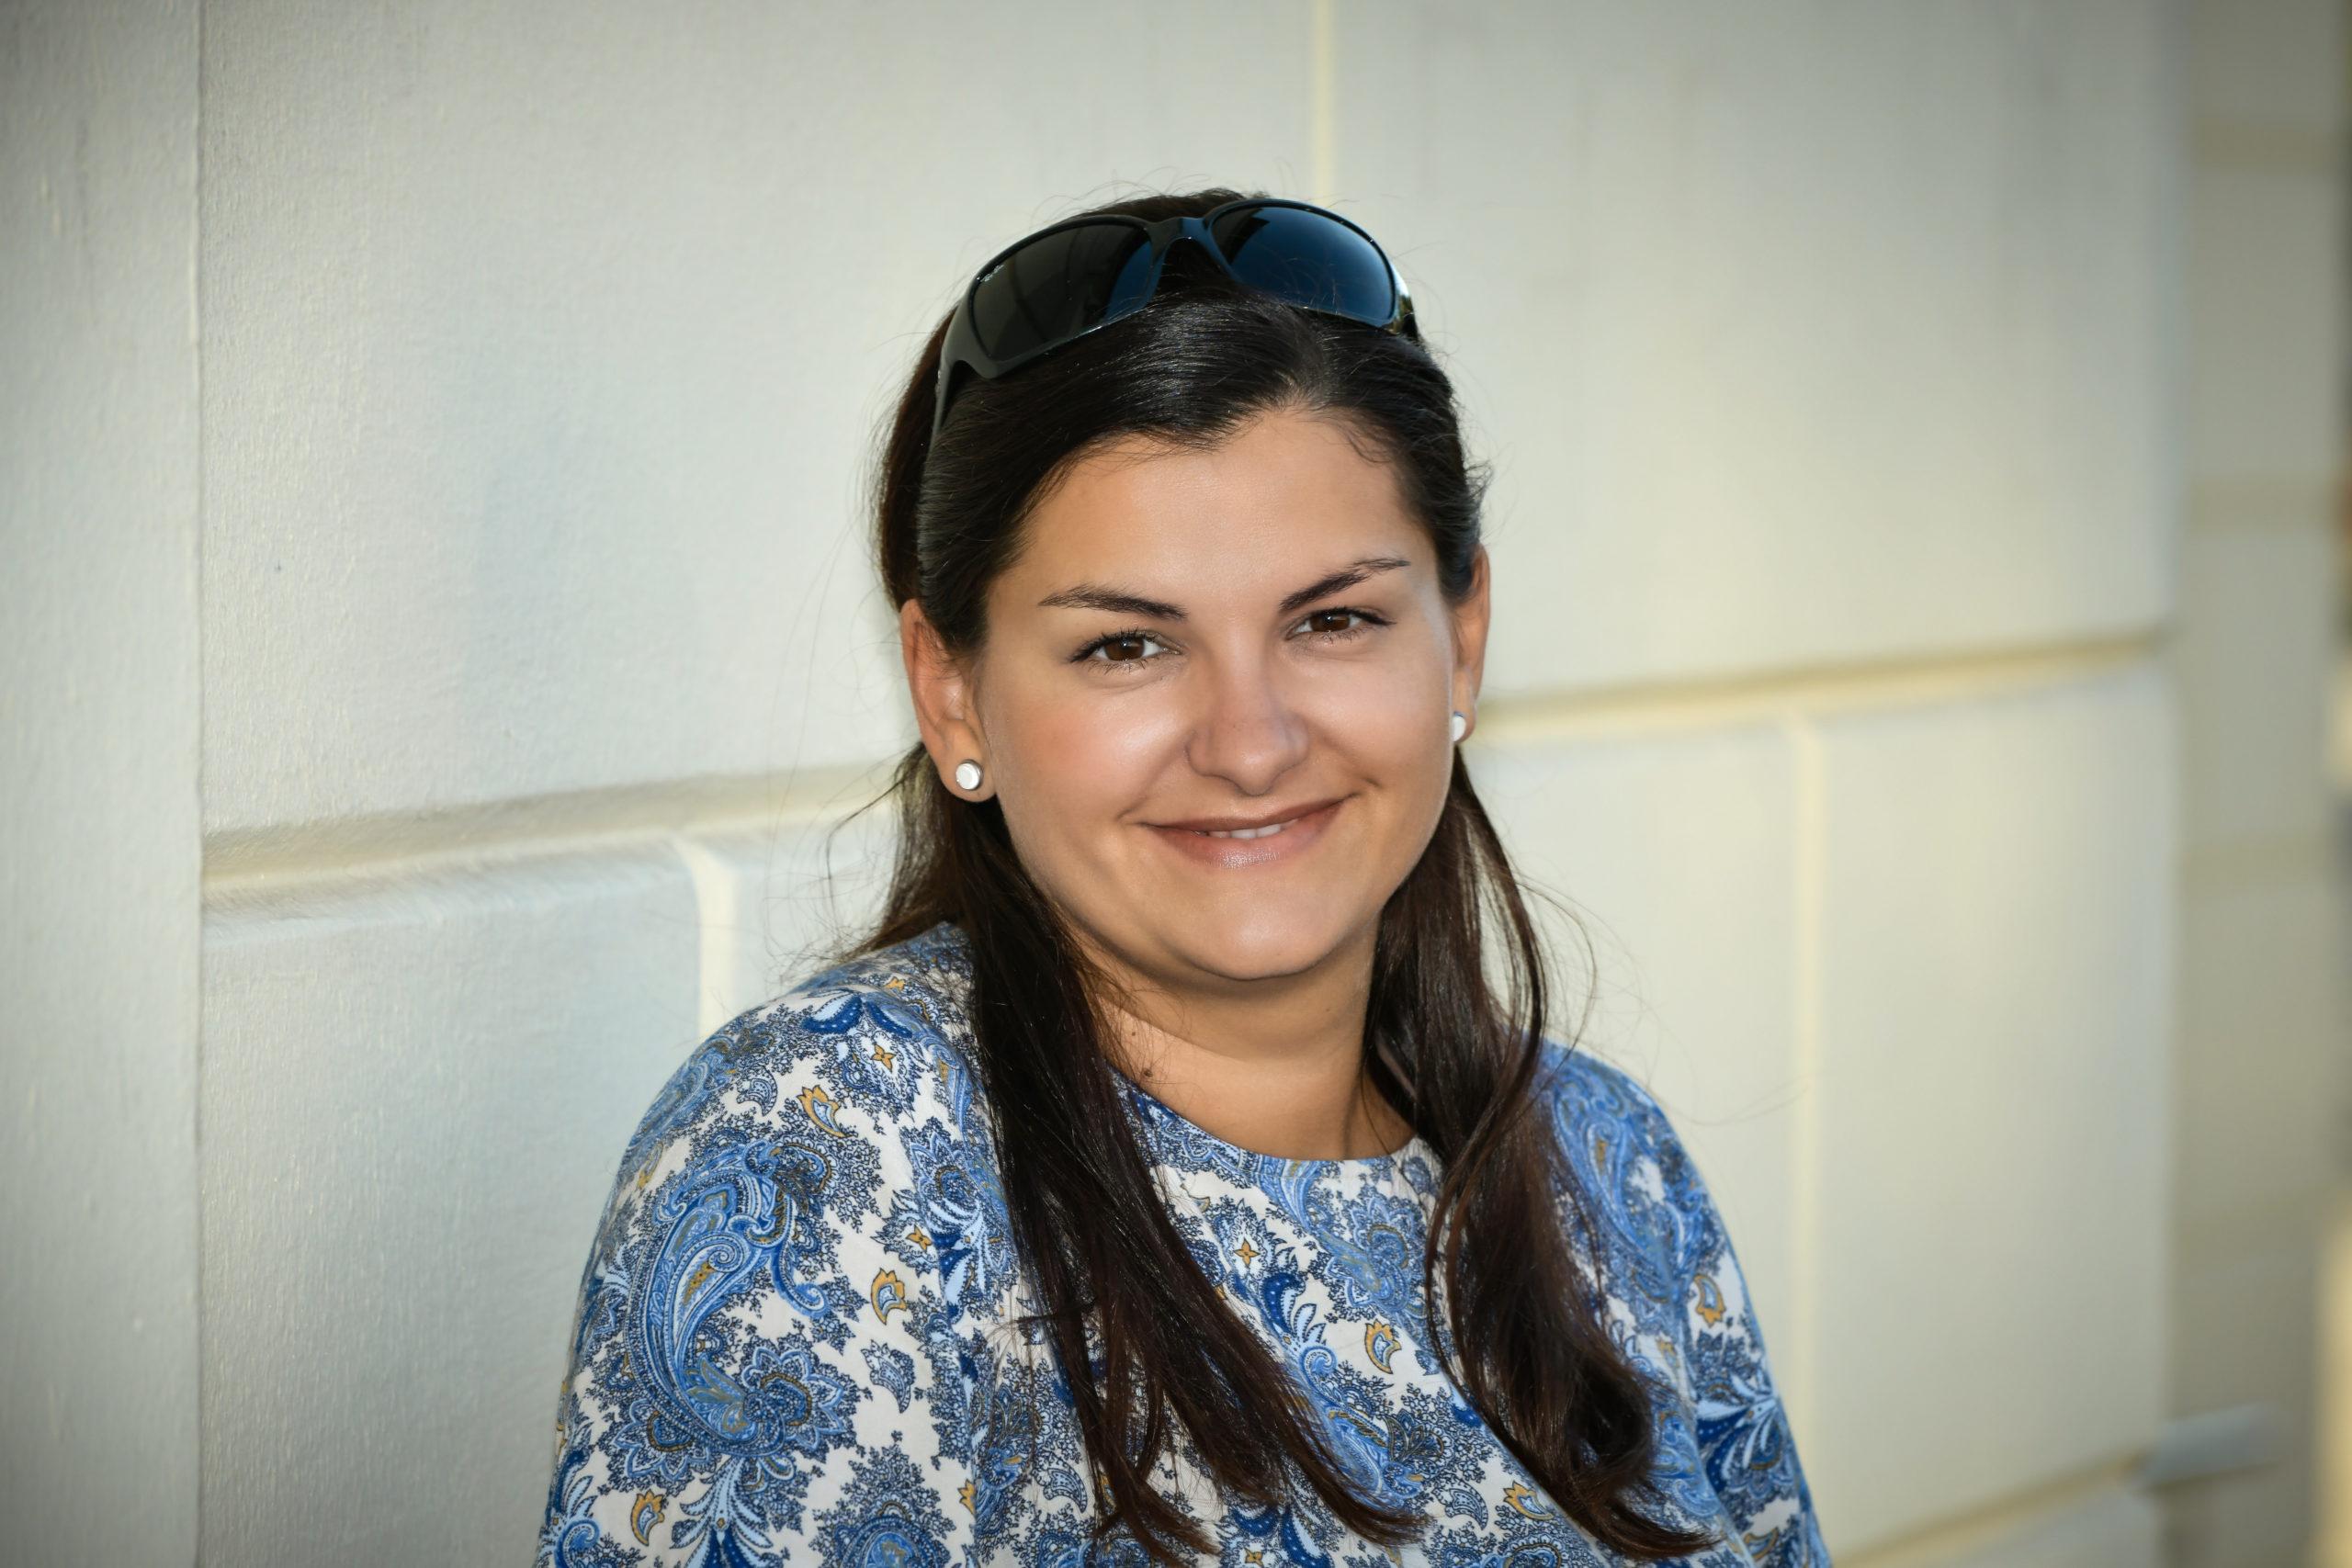 Ramona Förster